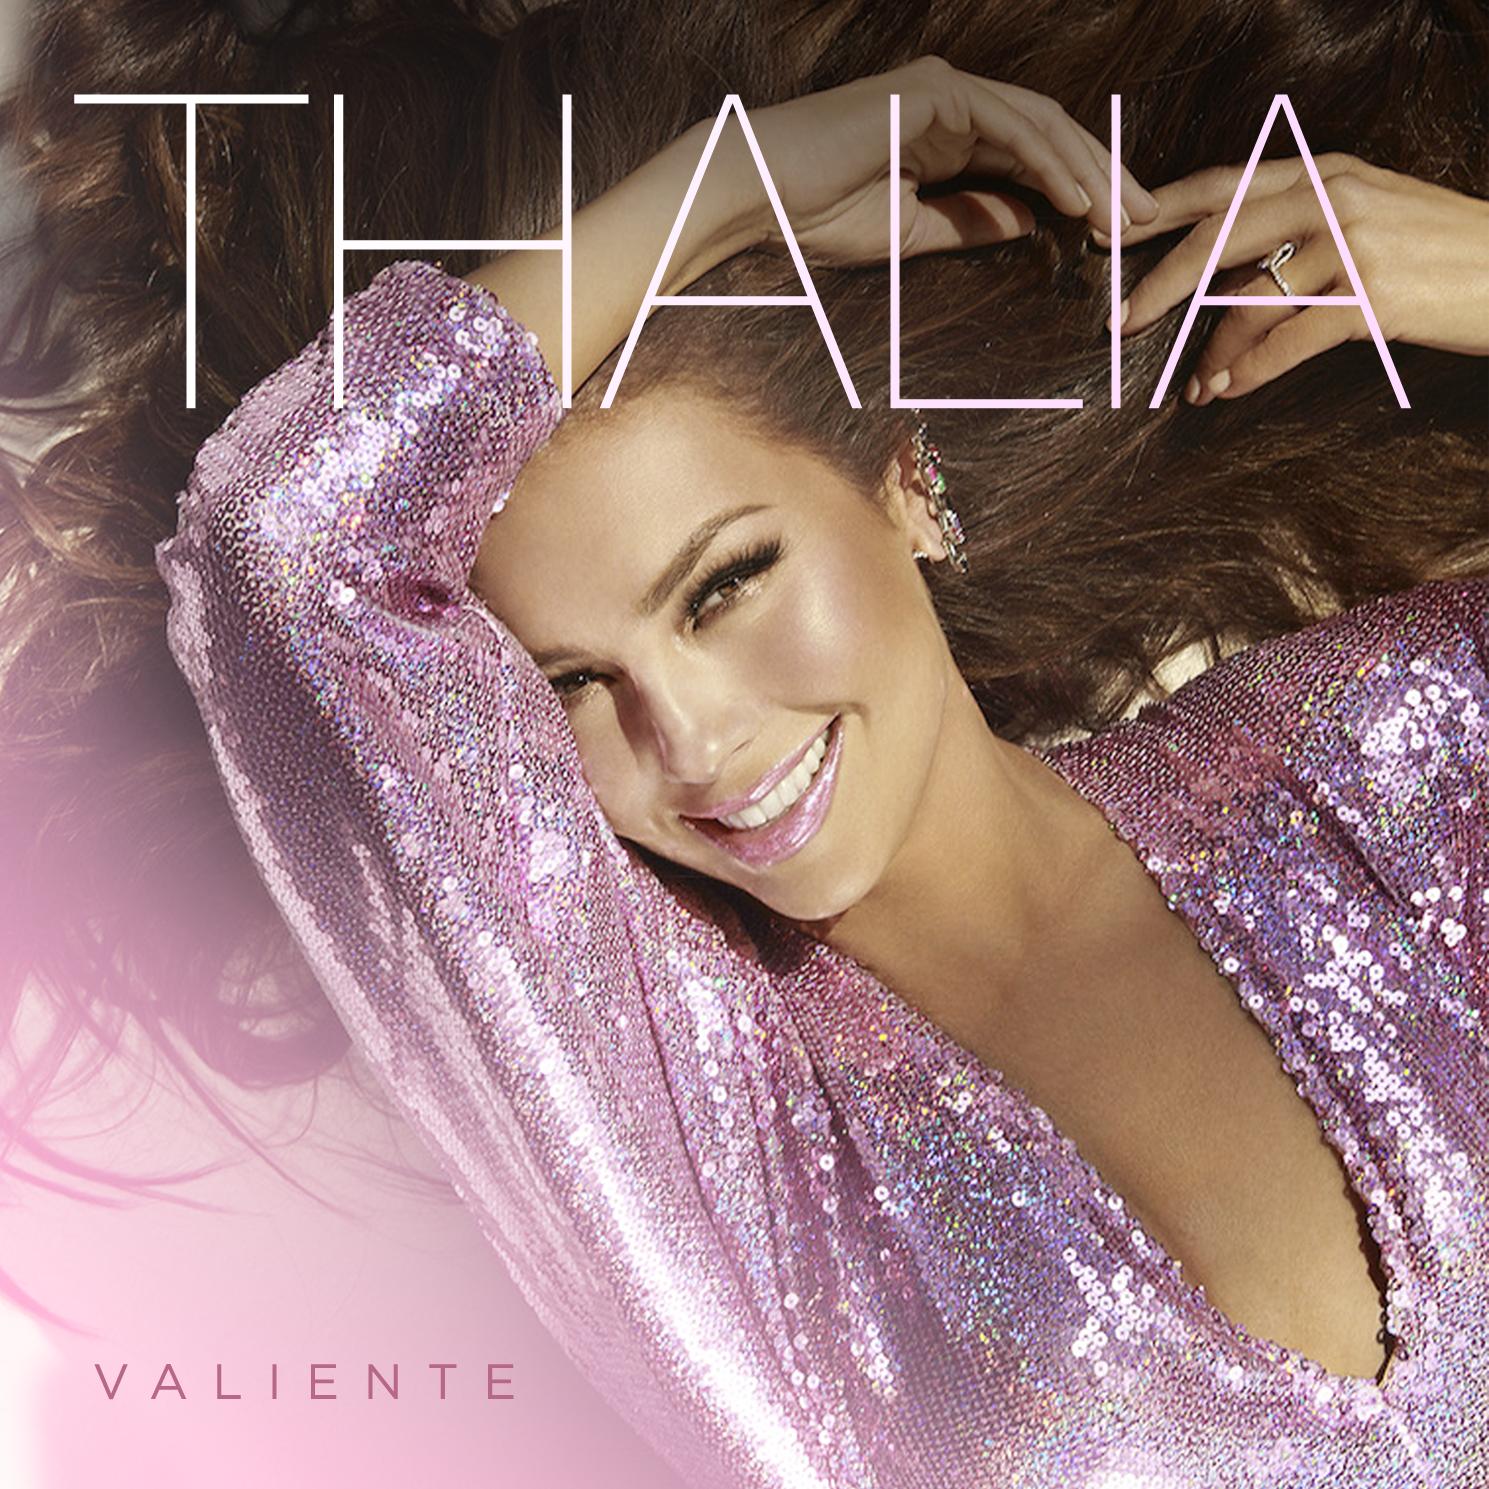 Thalia_Valiente_Album Cover